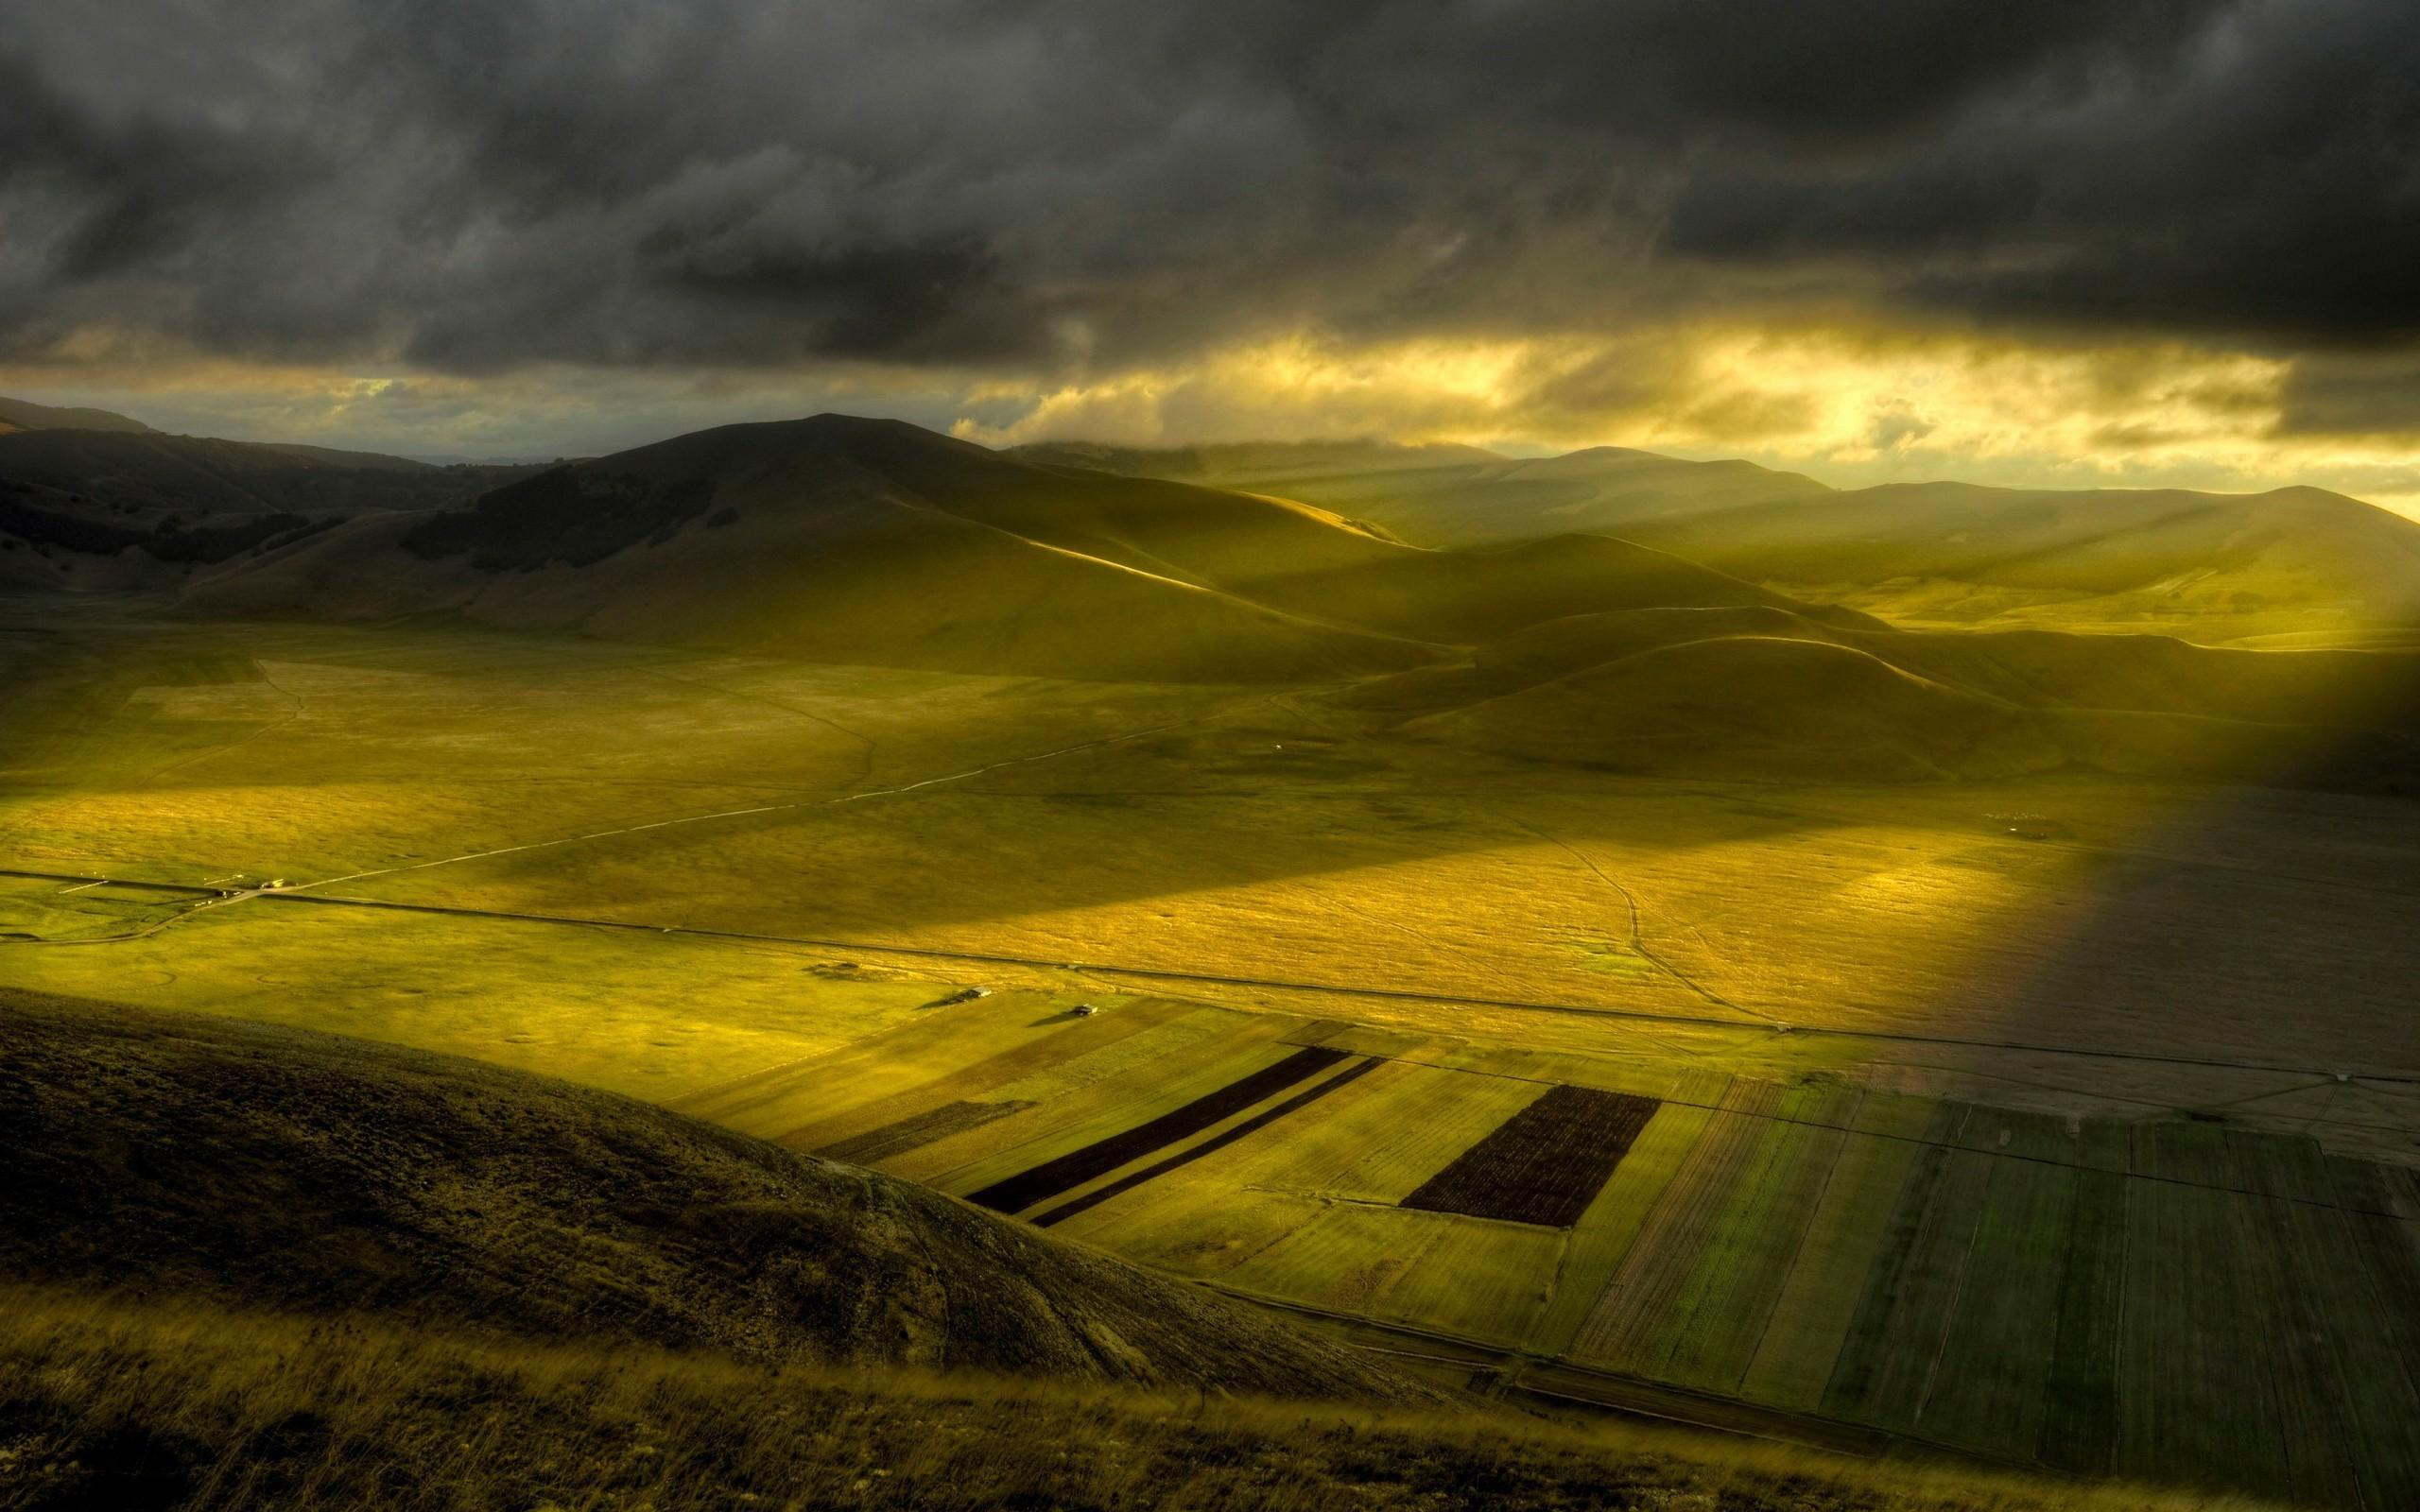 landscape Wallpaper HD